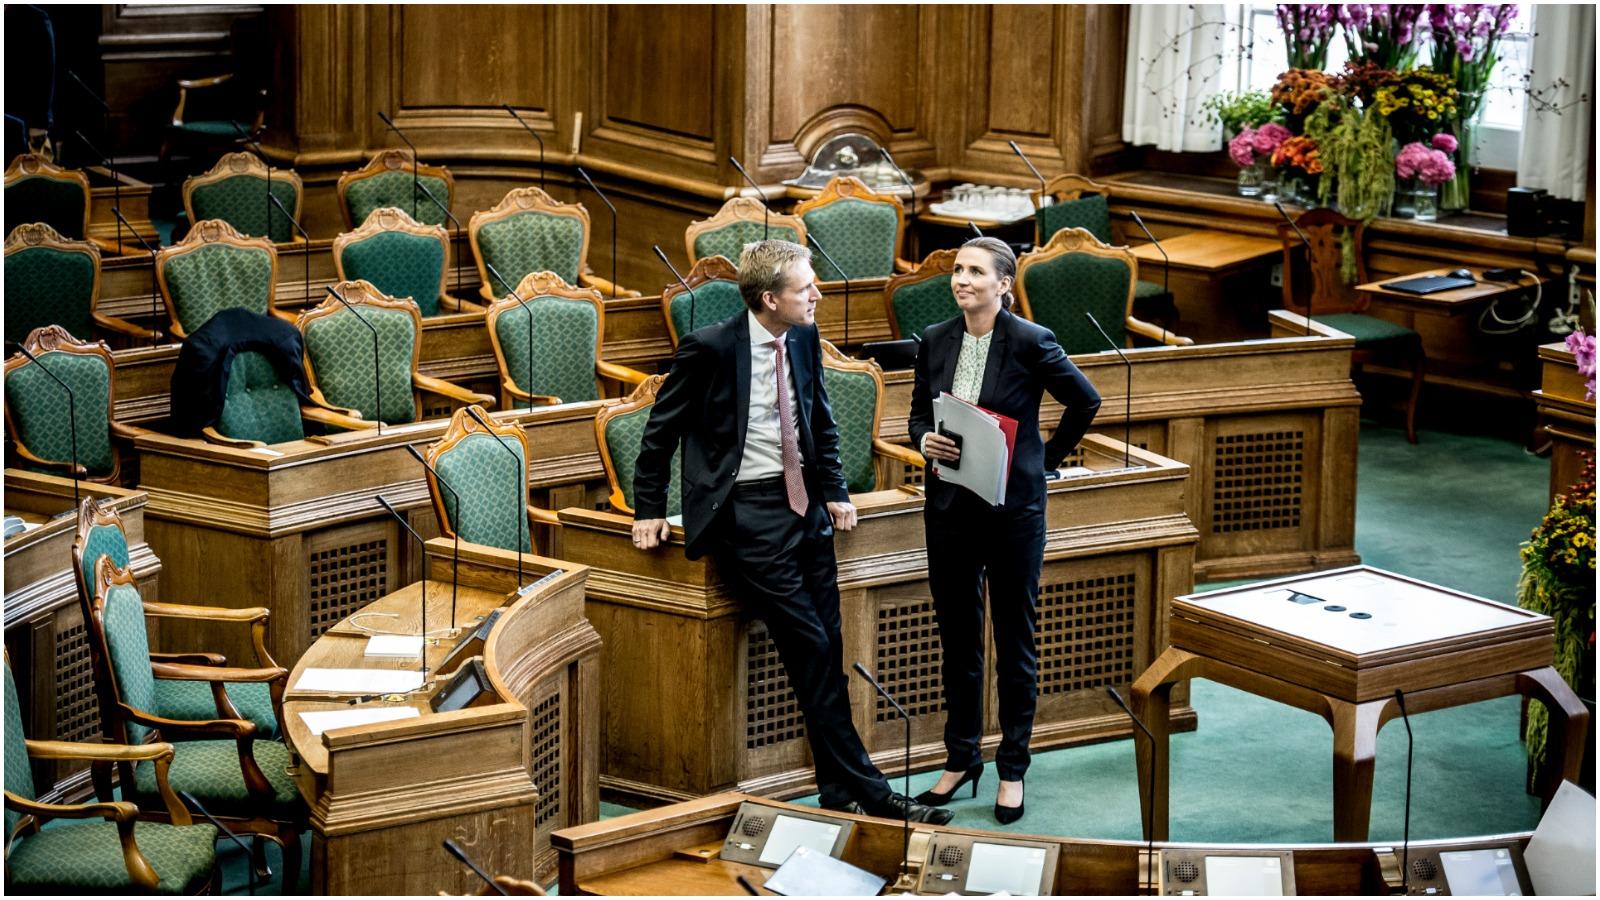 Holger K. Nielsen om Socialdemokratiet: Det er unødvendigt og uklogt at gå hele vejen sammen med Dansk Folkeparti